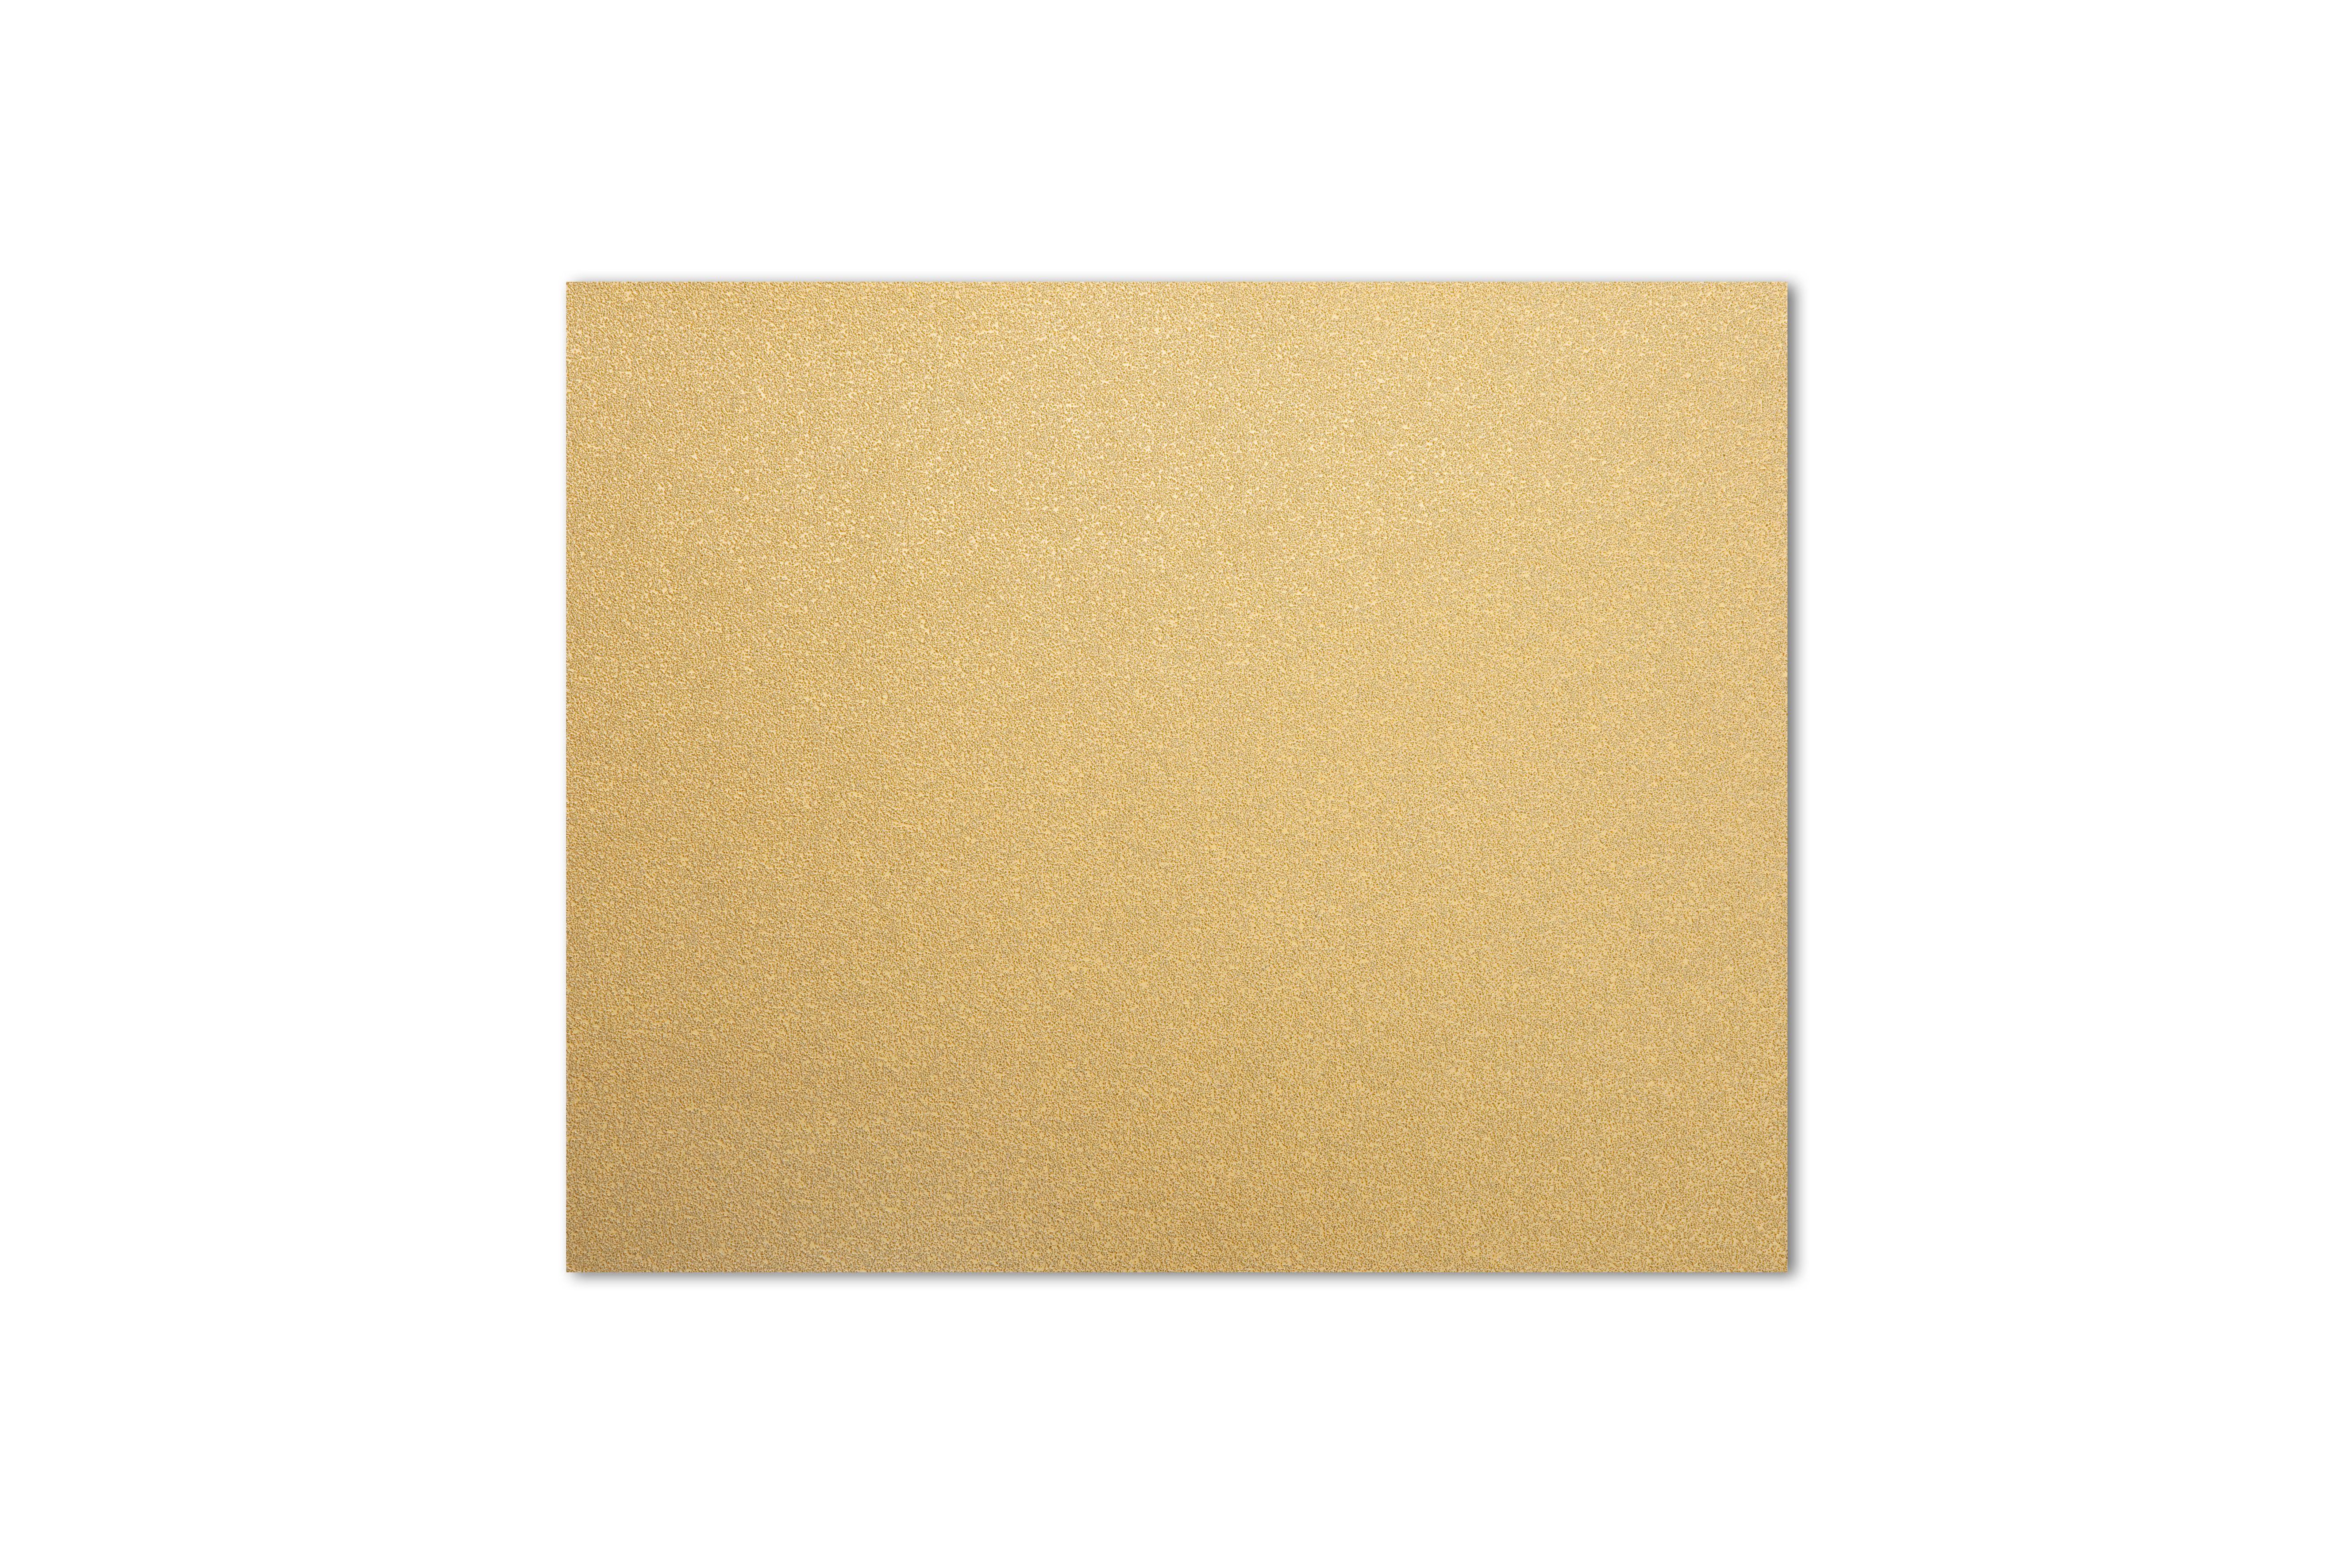 10 x STARCKE Stearat Schleifpapier Bogen Schleifbogen 514 230 x 280 mm Korn 100 | 132623